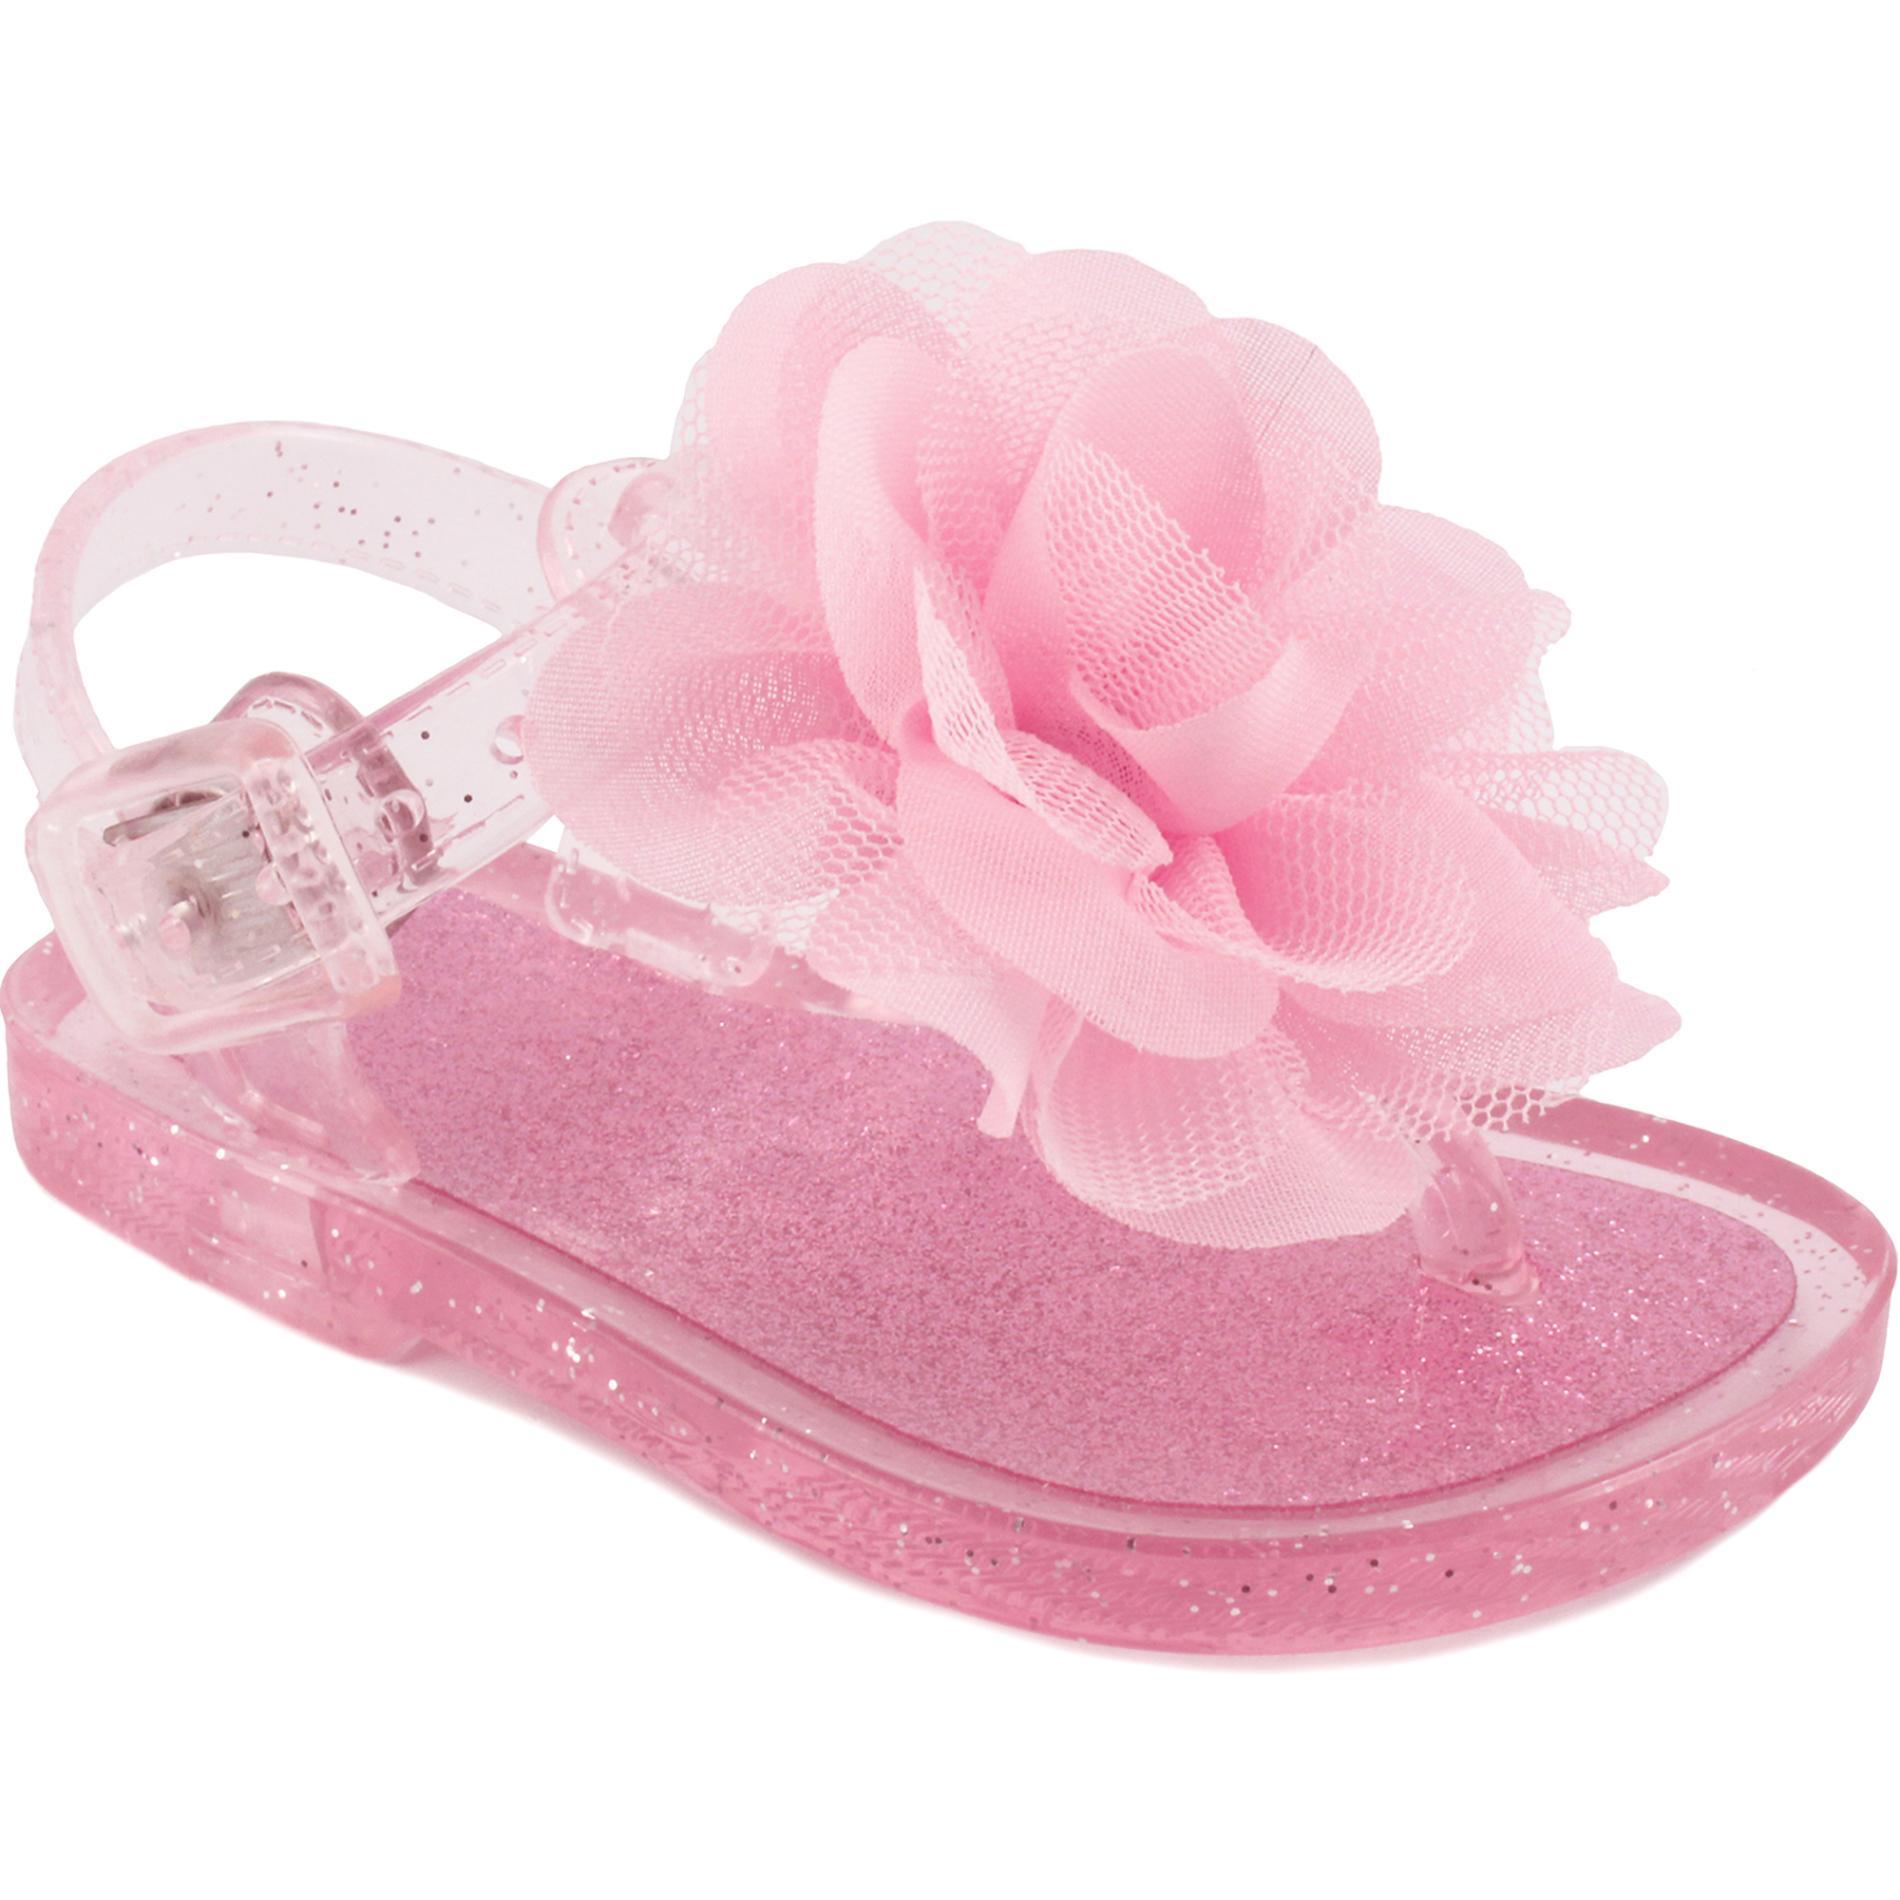 Little Wonders Baby Girls PinkGlitter Jelly Sandal